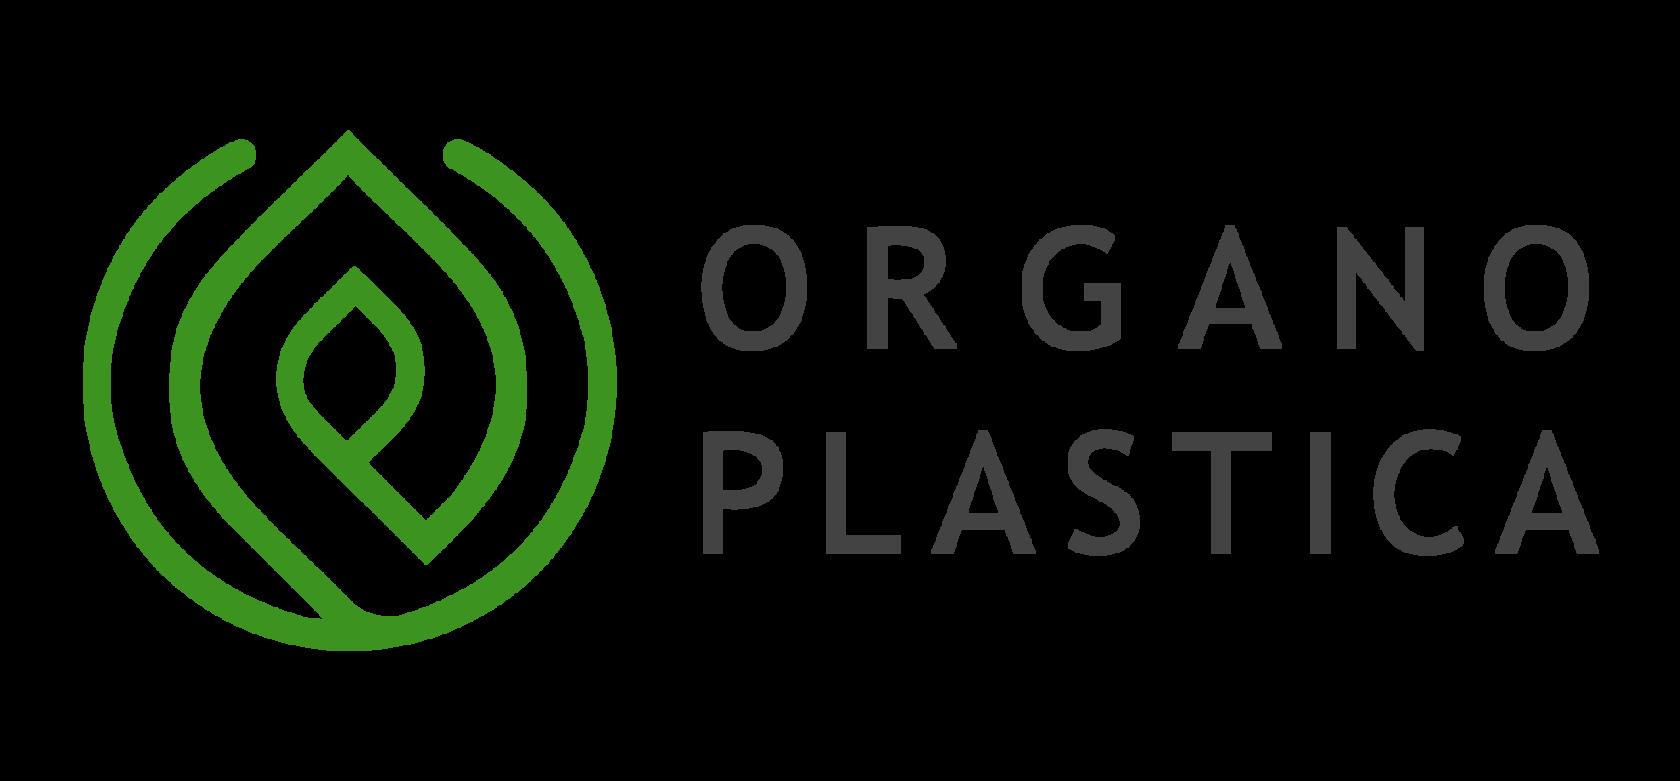 ORGANO PLASTICA